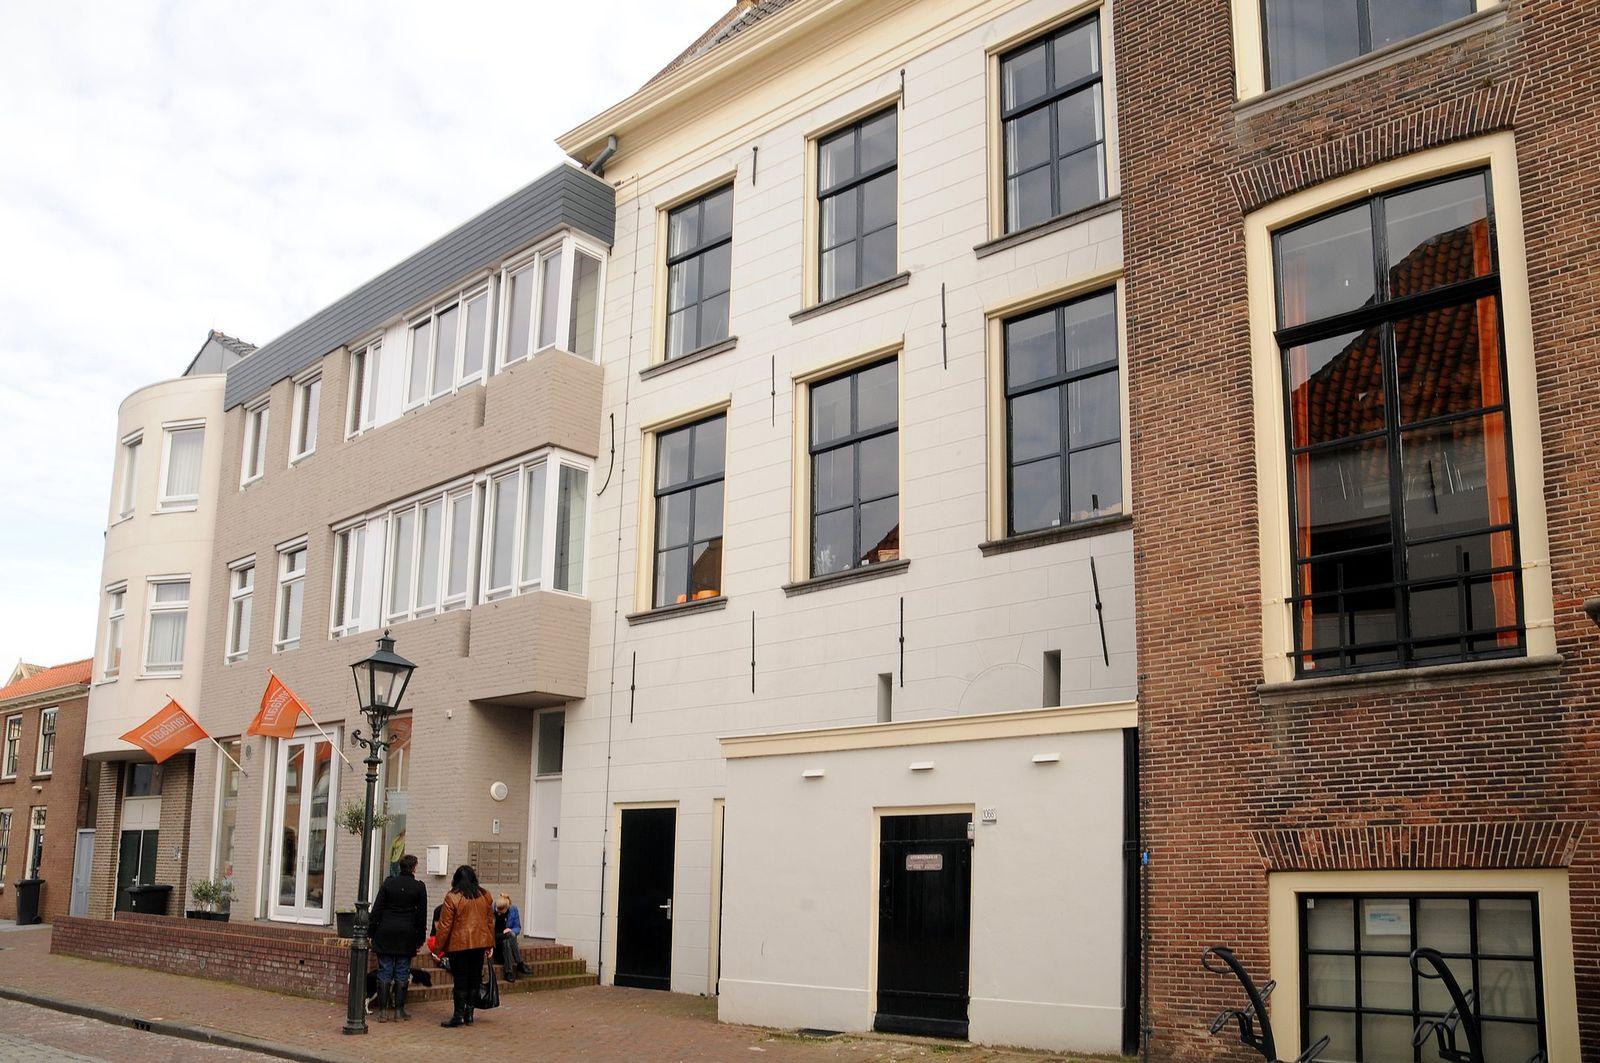 Tolstraat 4-a, Zaltbommel